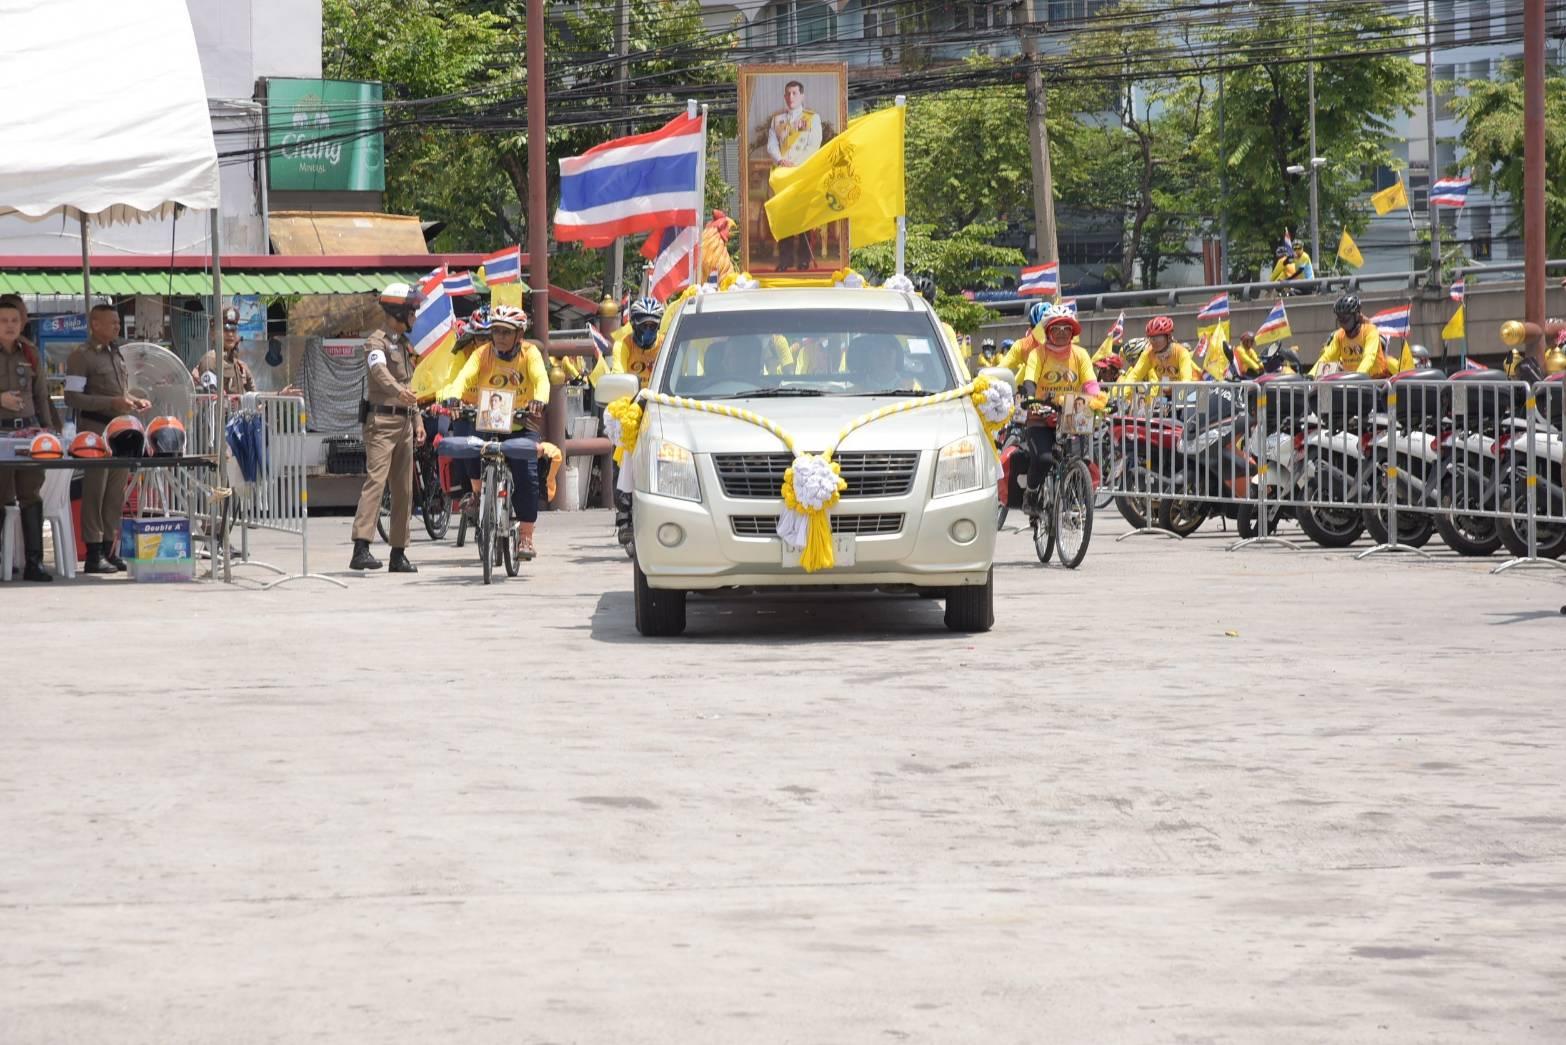 นักปั่นจักรยาน 4 ภาคเทิดไท้องค์ราชัน ถึง กทม.เข้าร่วมพระราชพิธีบรมราชาภิเษก